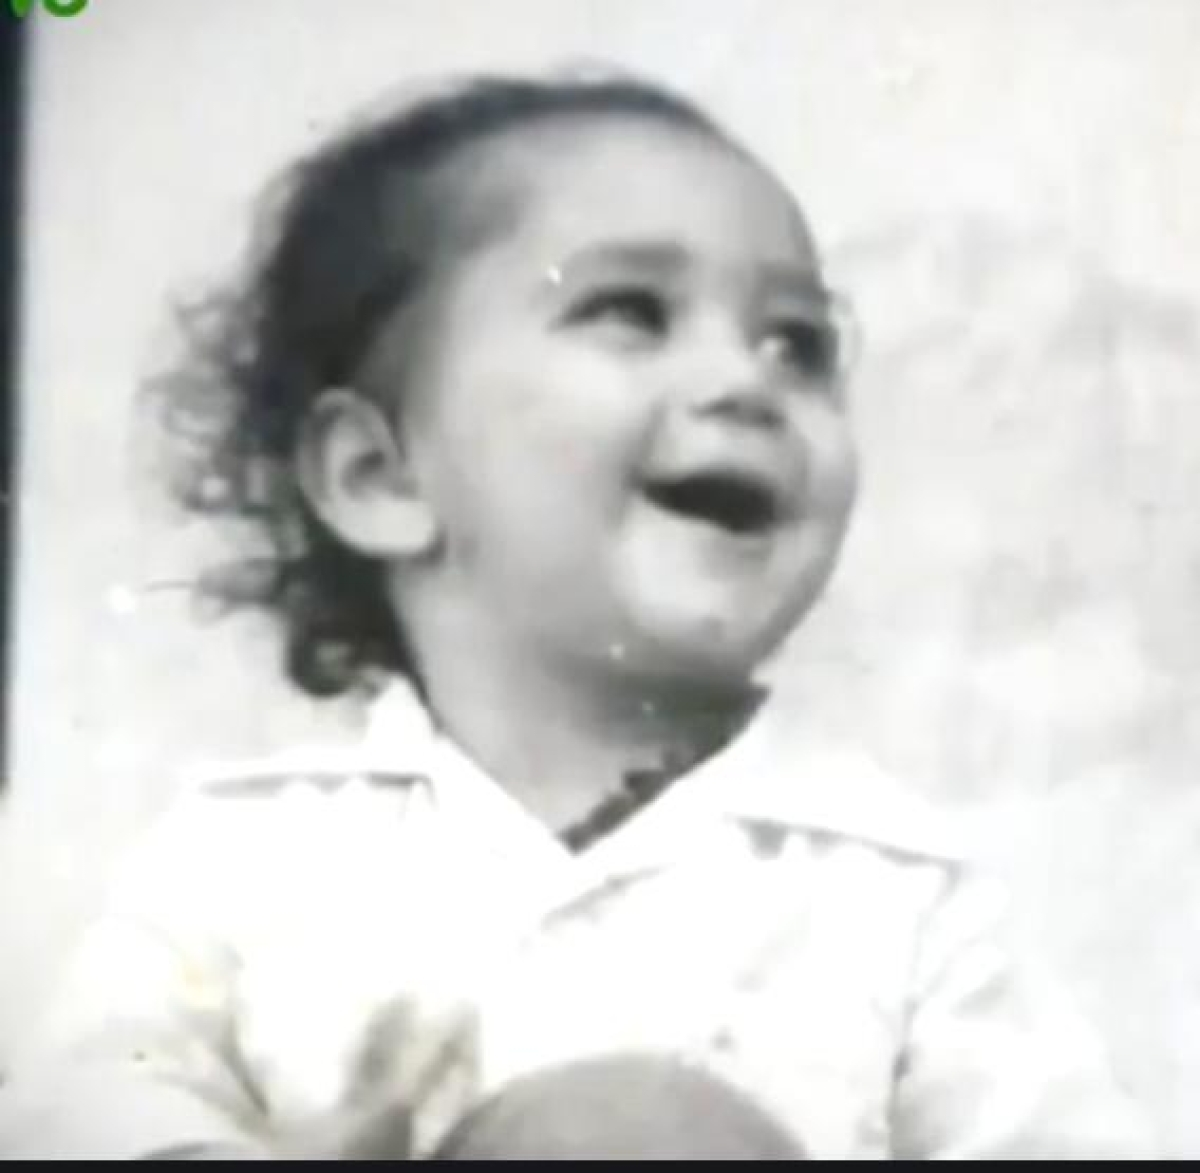 JP Nadda as a young boy